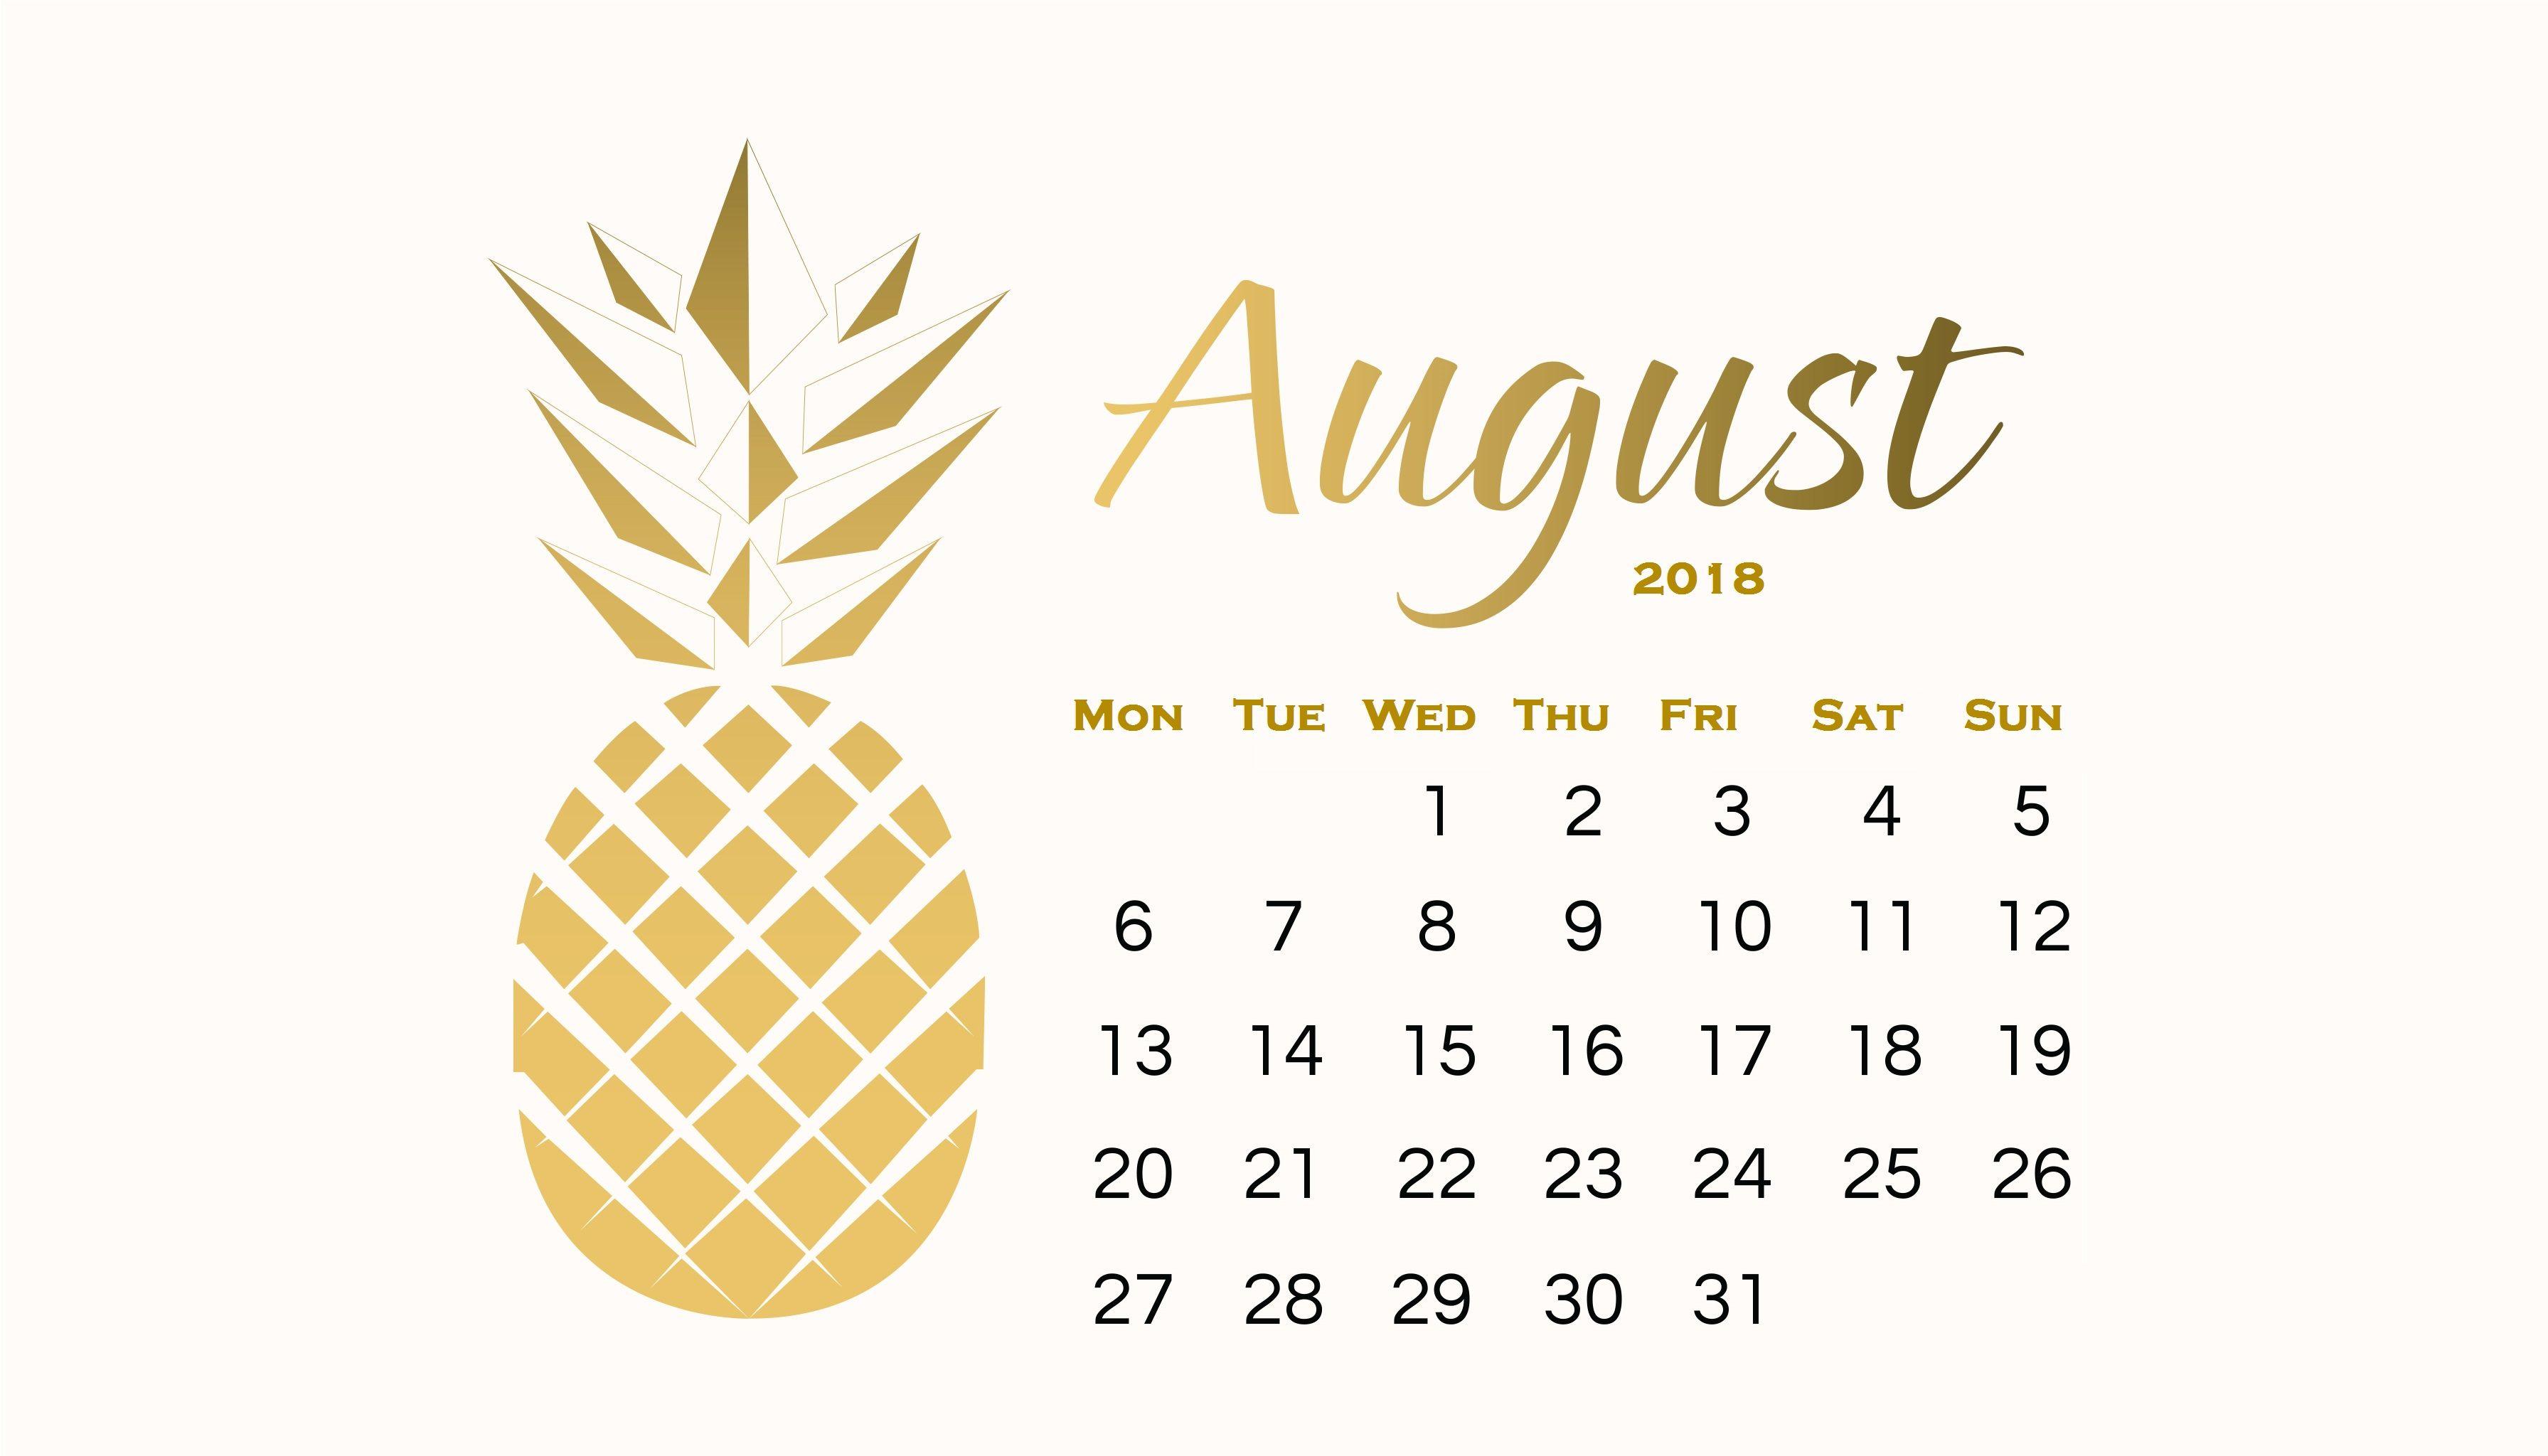 Amazing August 2018 Calendar Wallpaper Calendar wallpaper 3583x2048